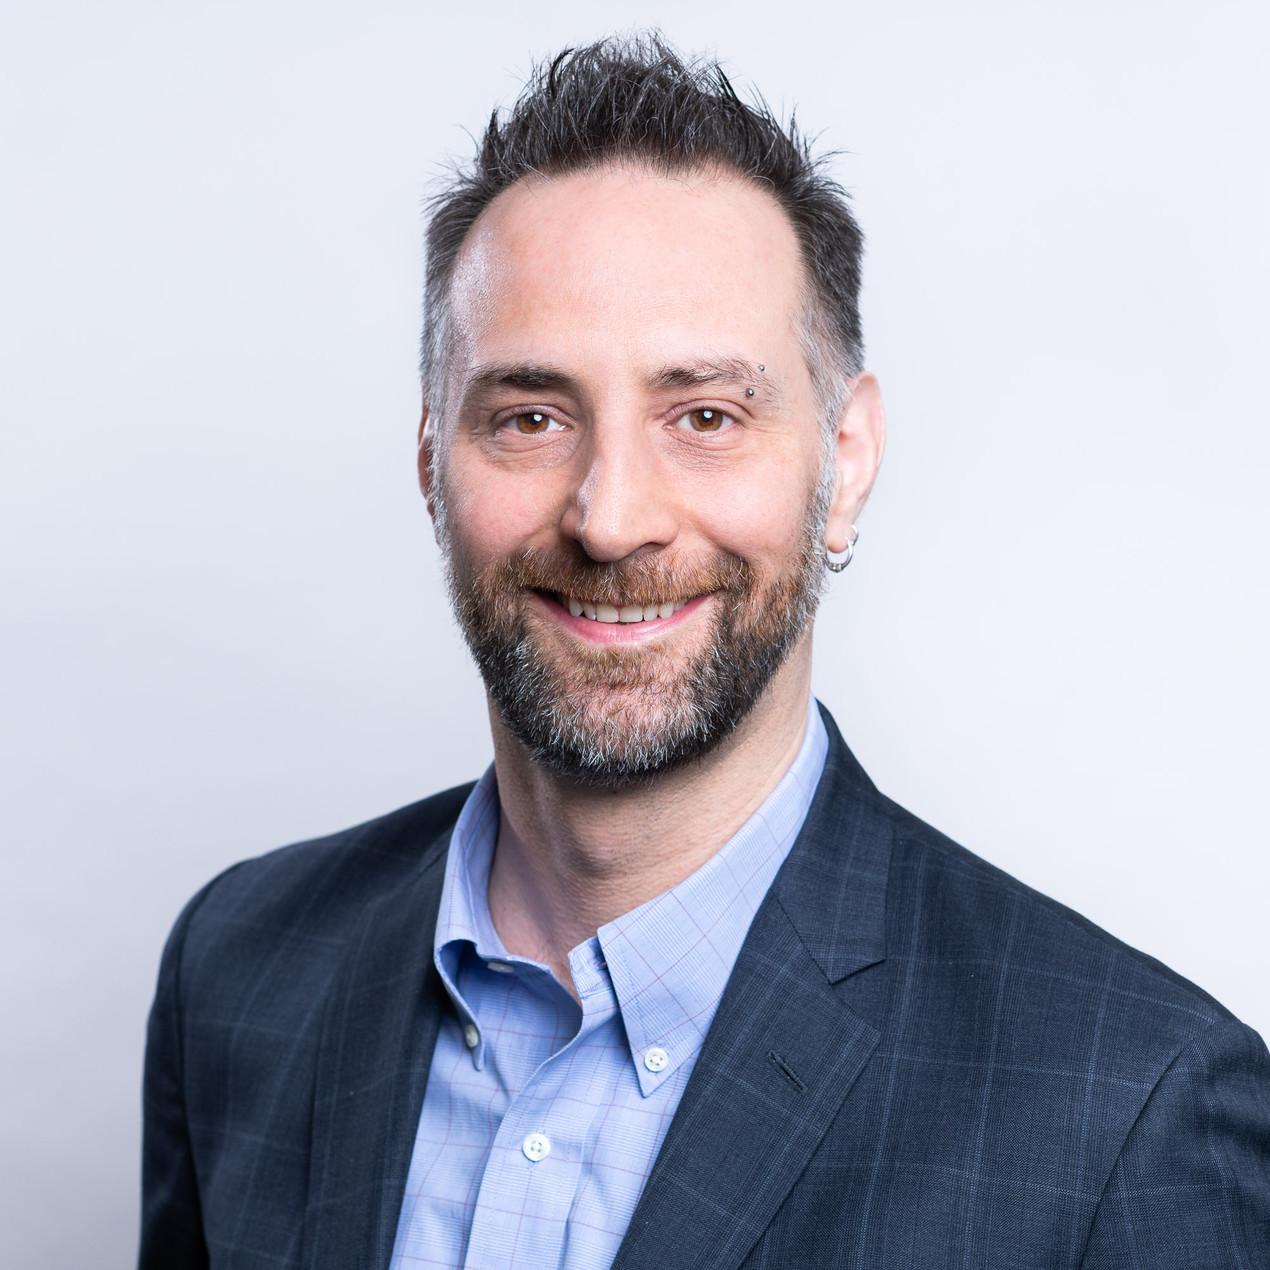 Dr. Jeremy Callner, CPO